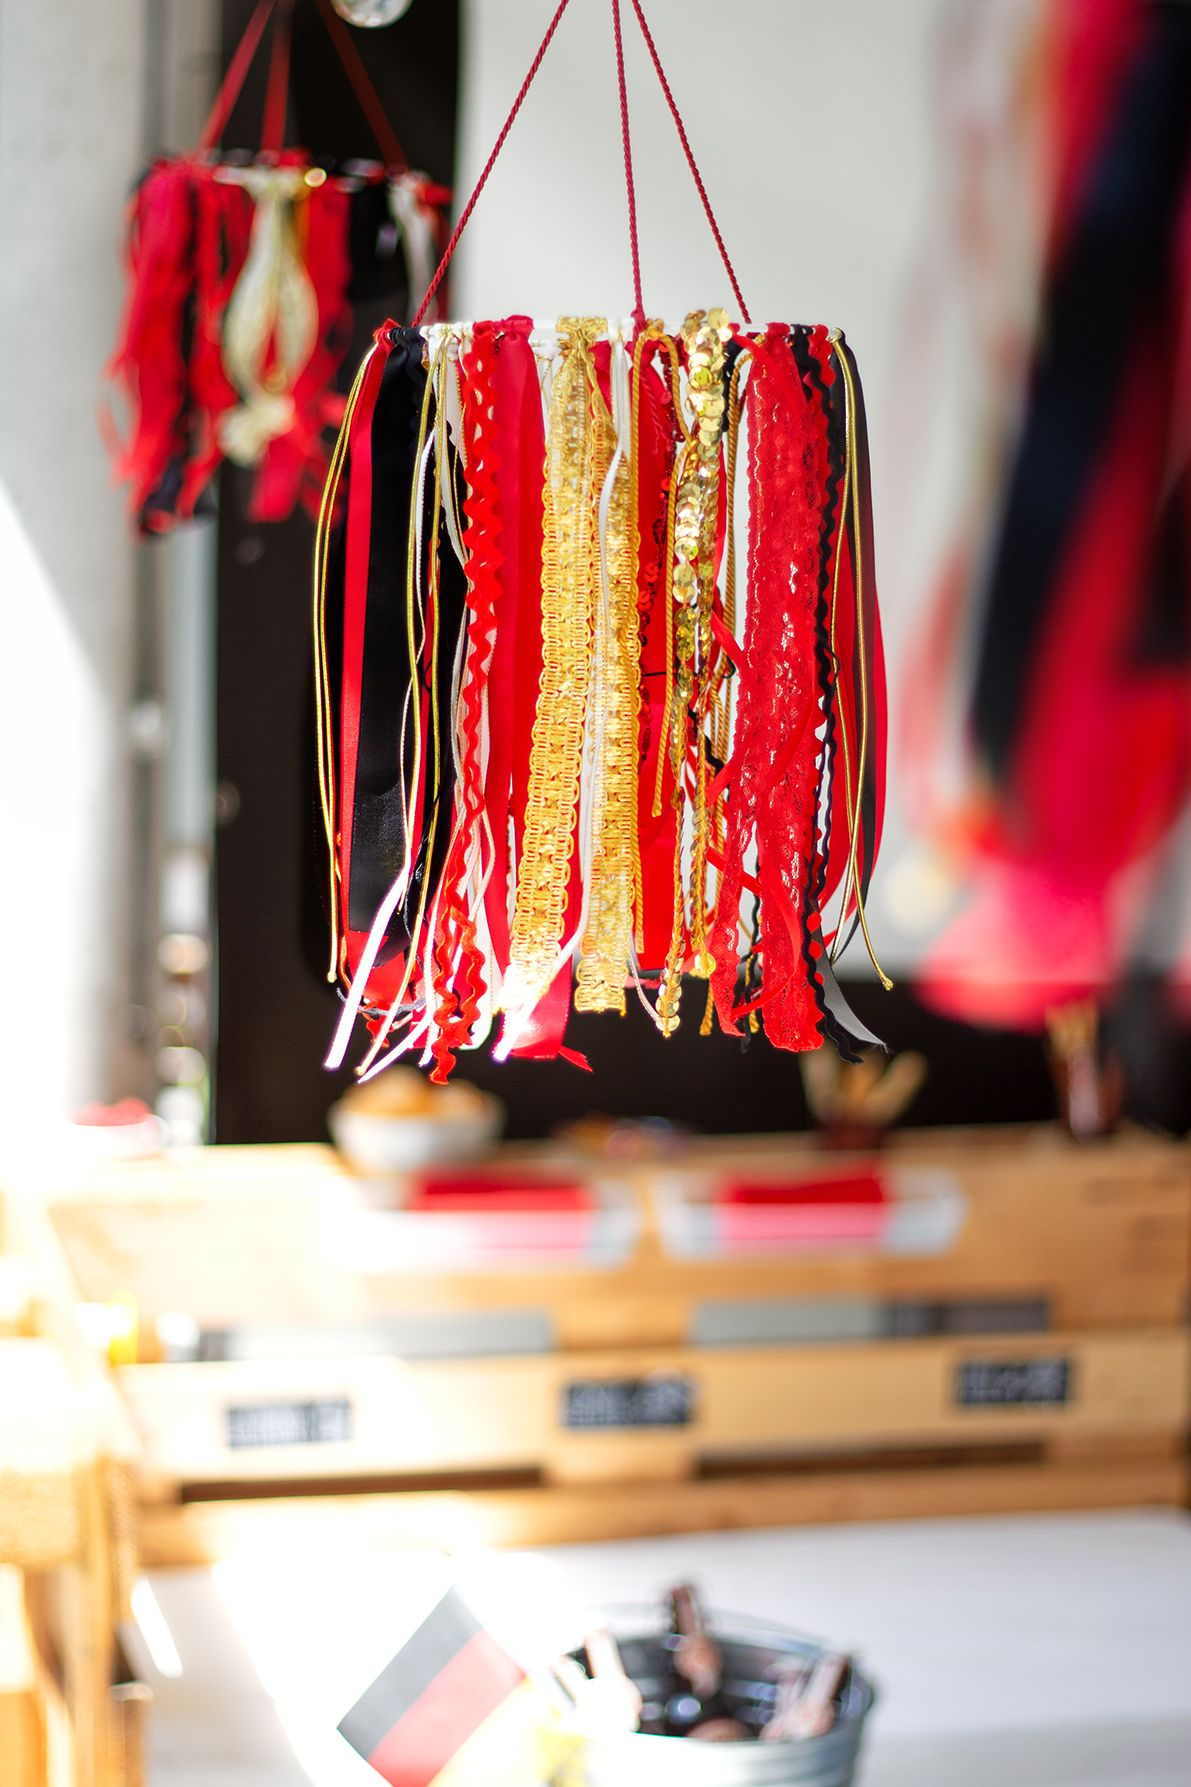 Stilvolle Party Deko In Schwarz Rot Gold Und Wm Diy Girlanden Basteln Mobile Basteln Deko Ideen